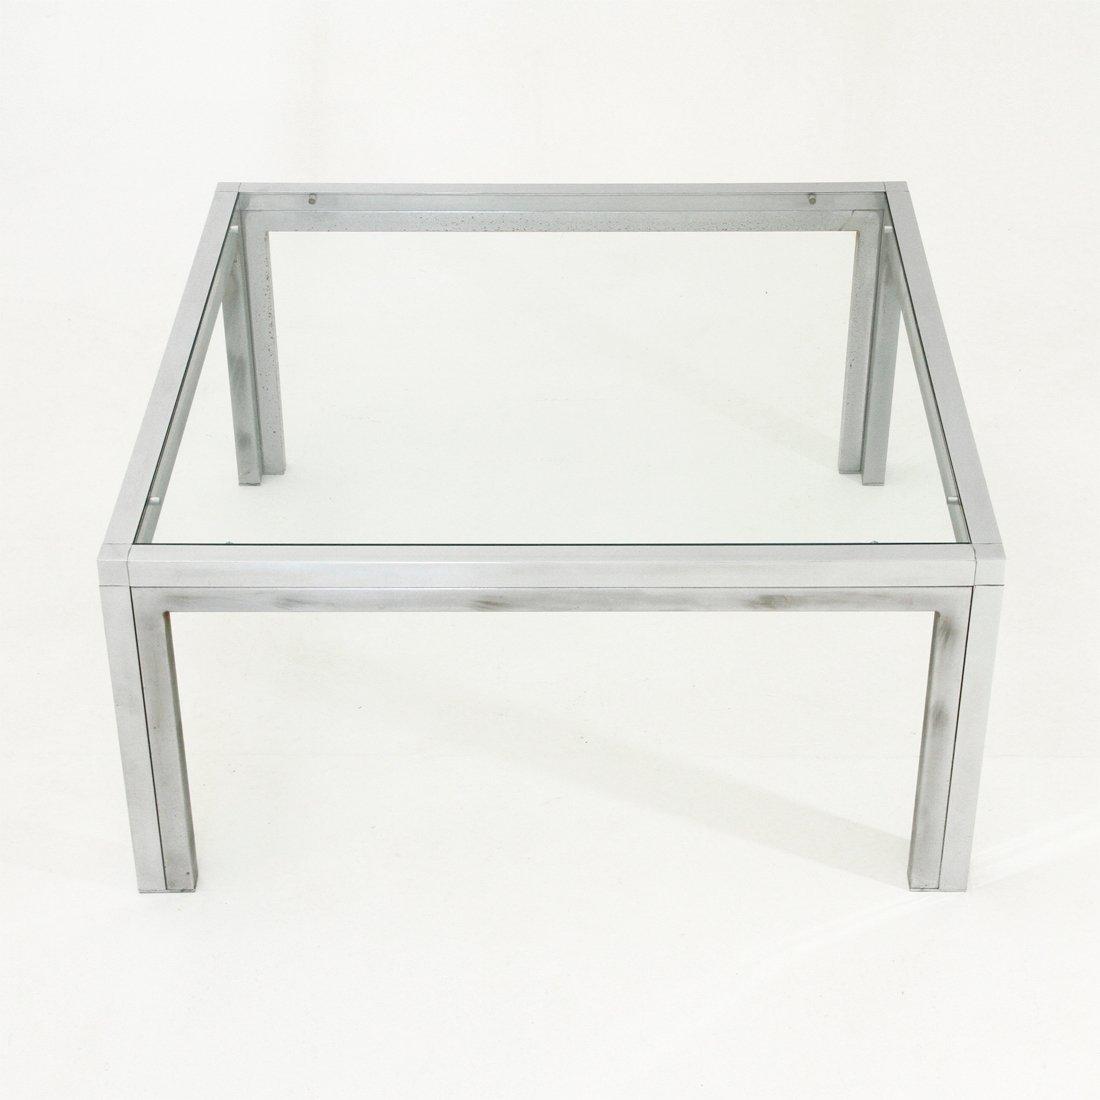 quadratischer couchtisch aus chrom glas 1970er bei. Black Bedroom Furniture Sets. Home Design Ideas